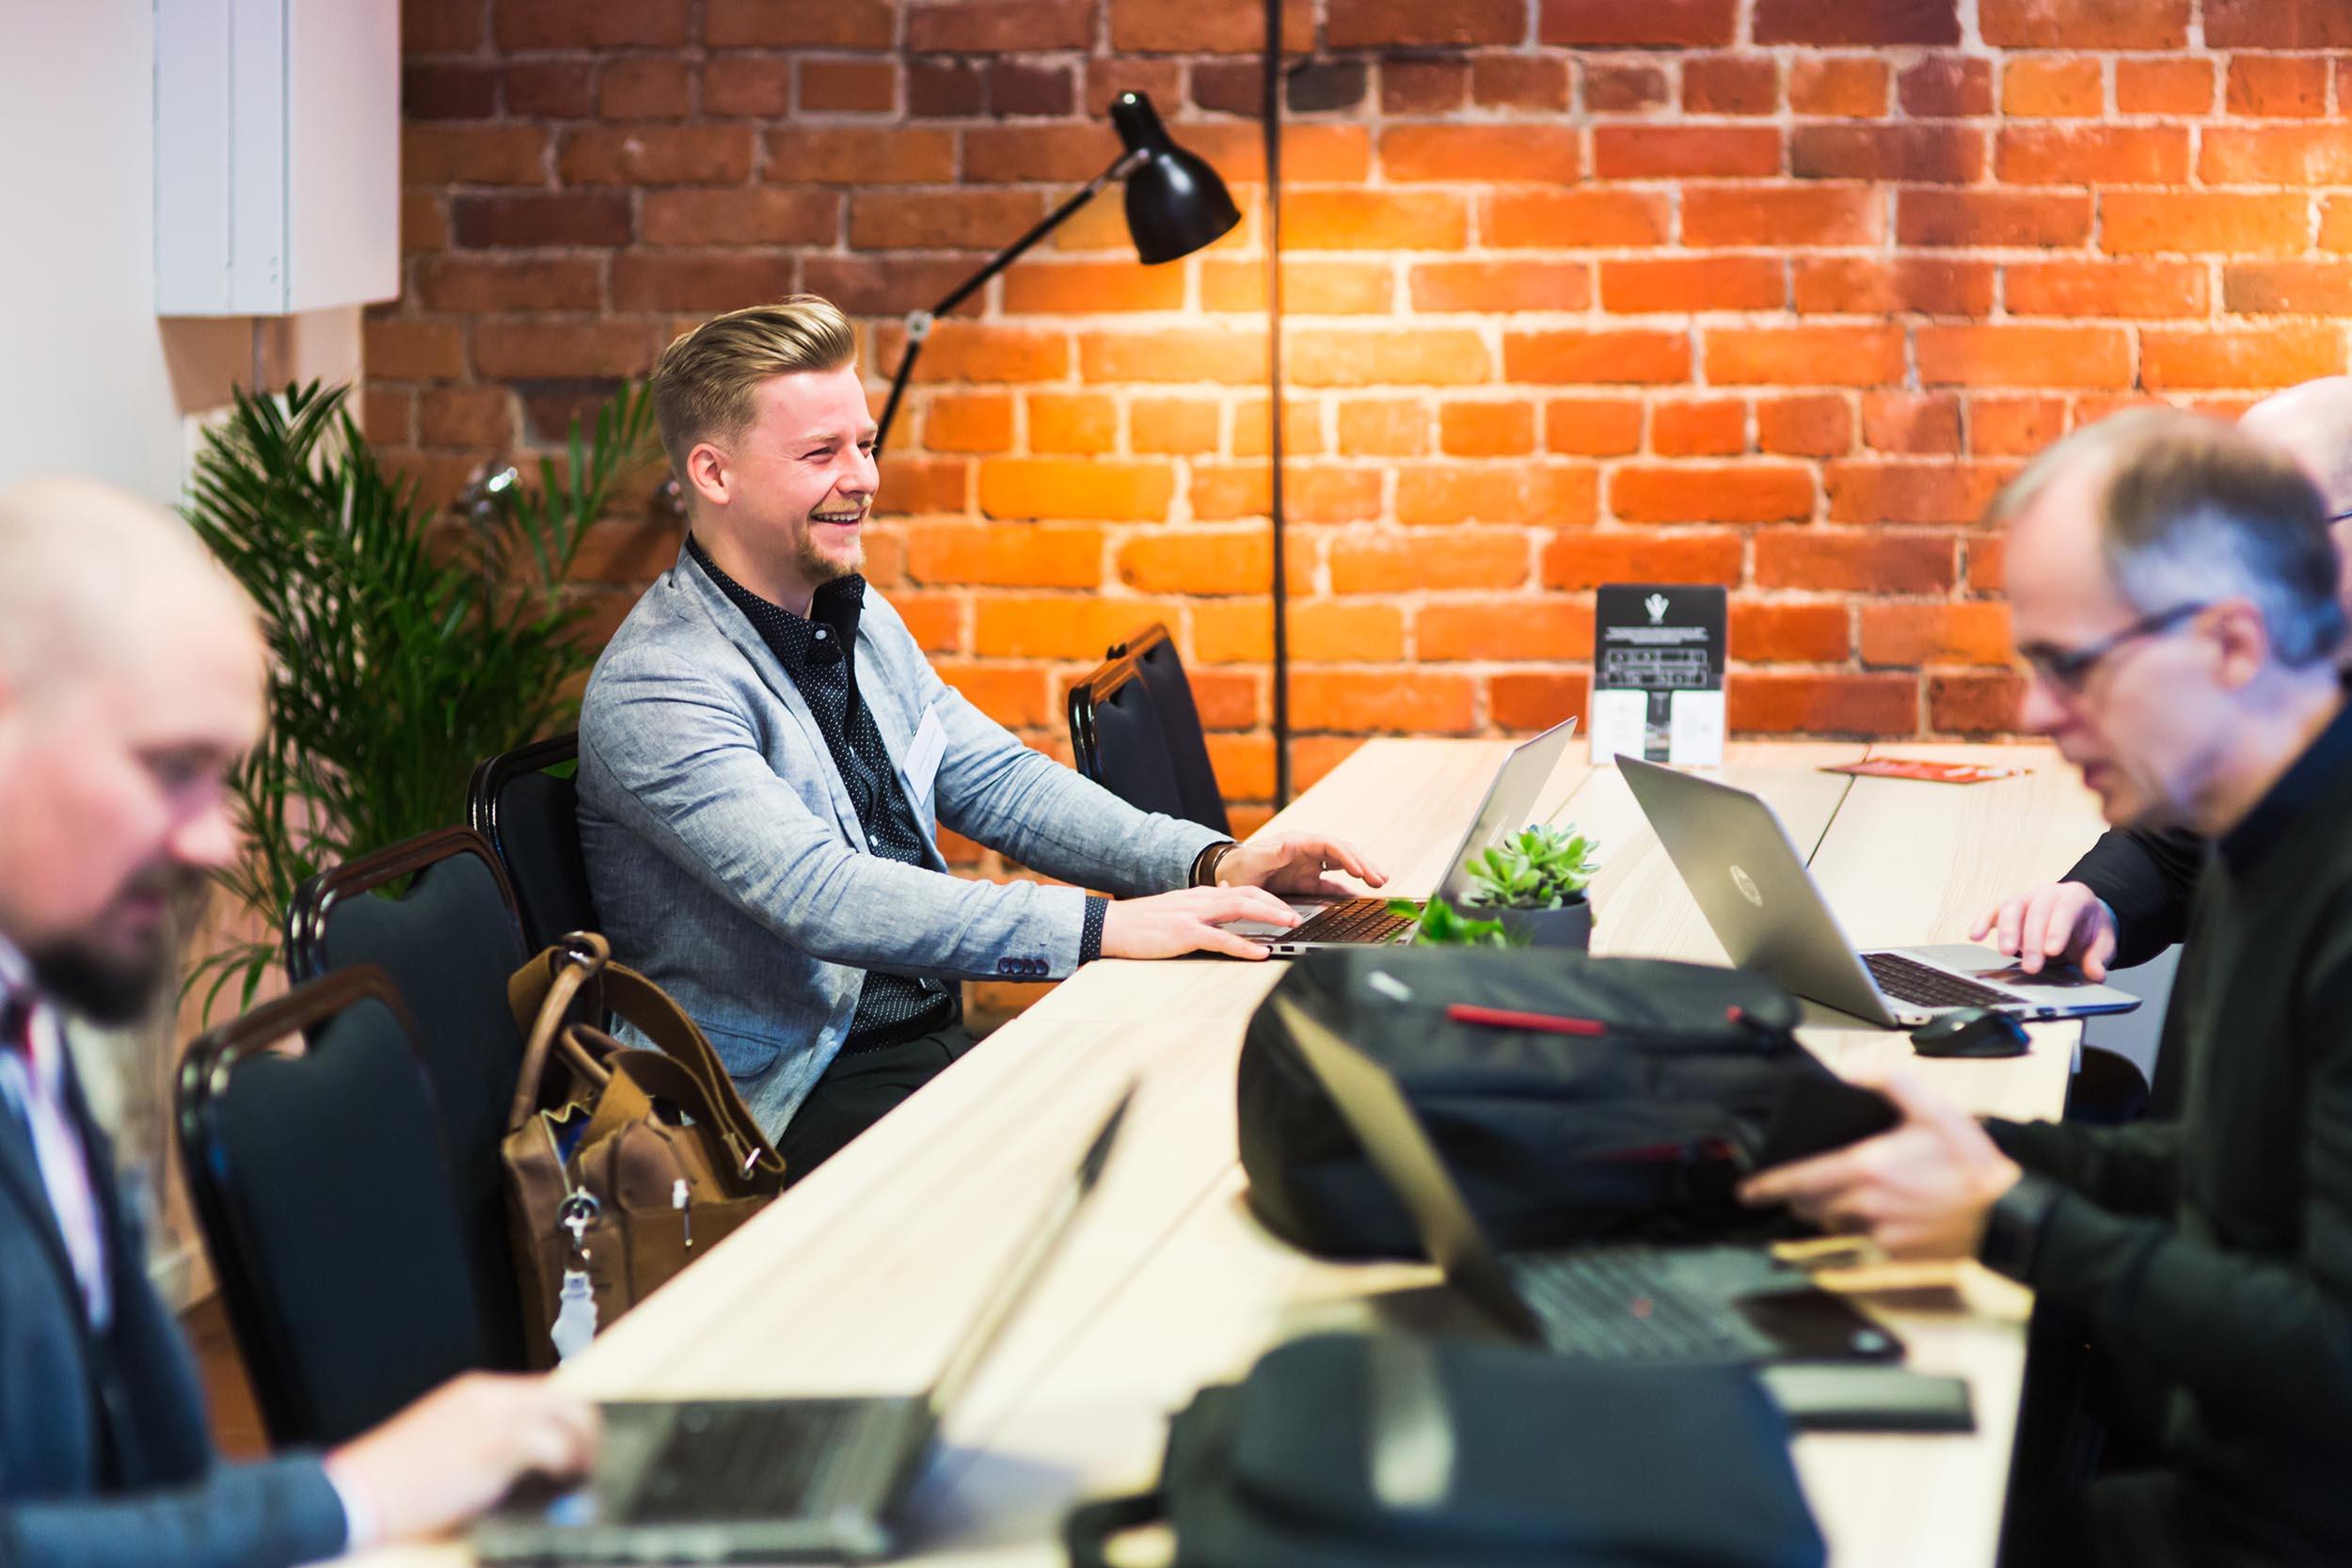 Miehiä pöydän ympärillä kokoustilassa, yksi miehistä nauraa. Taustalla tiiliseinä.